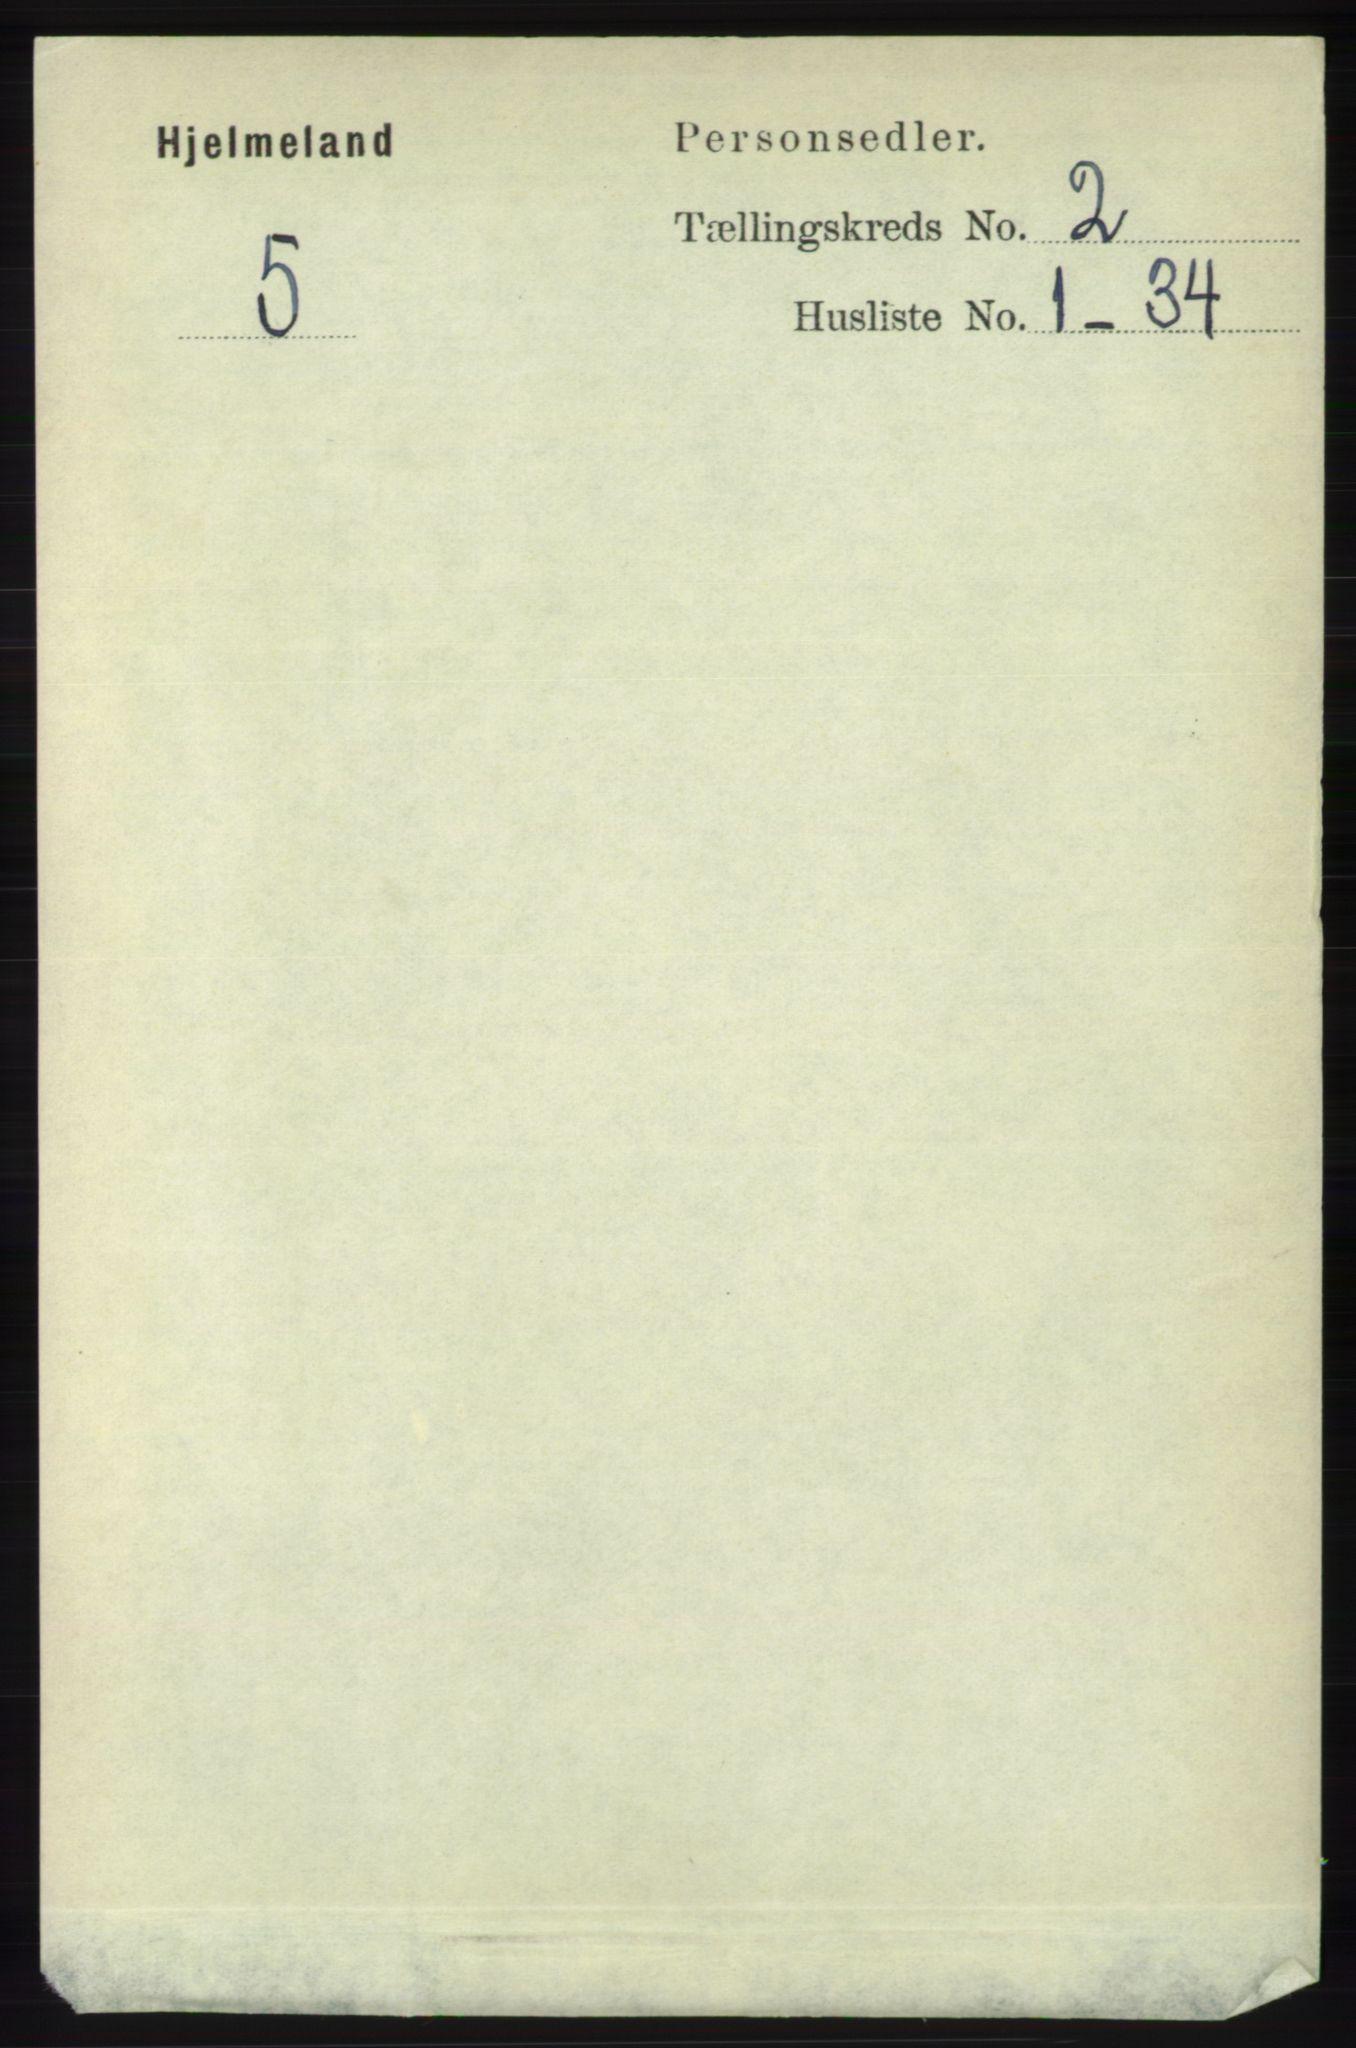 RA, Folketelling 1891 for 1133 Hjelmeland herred, 1891, s. 383